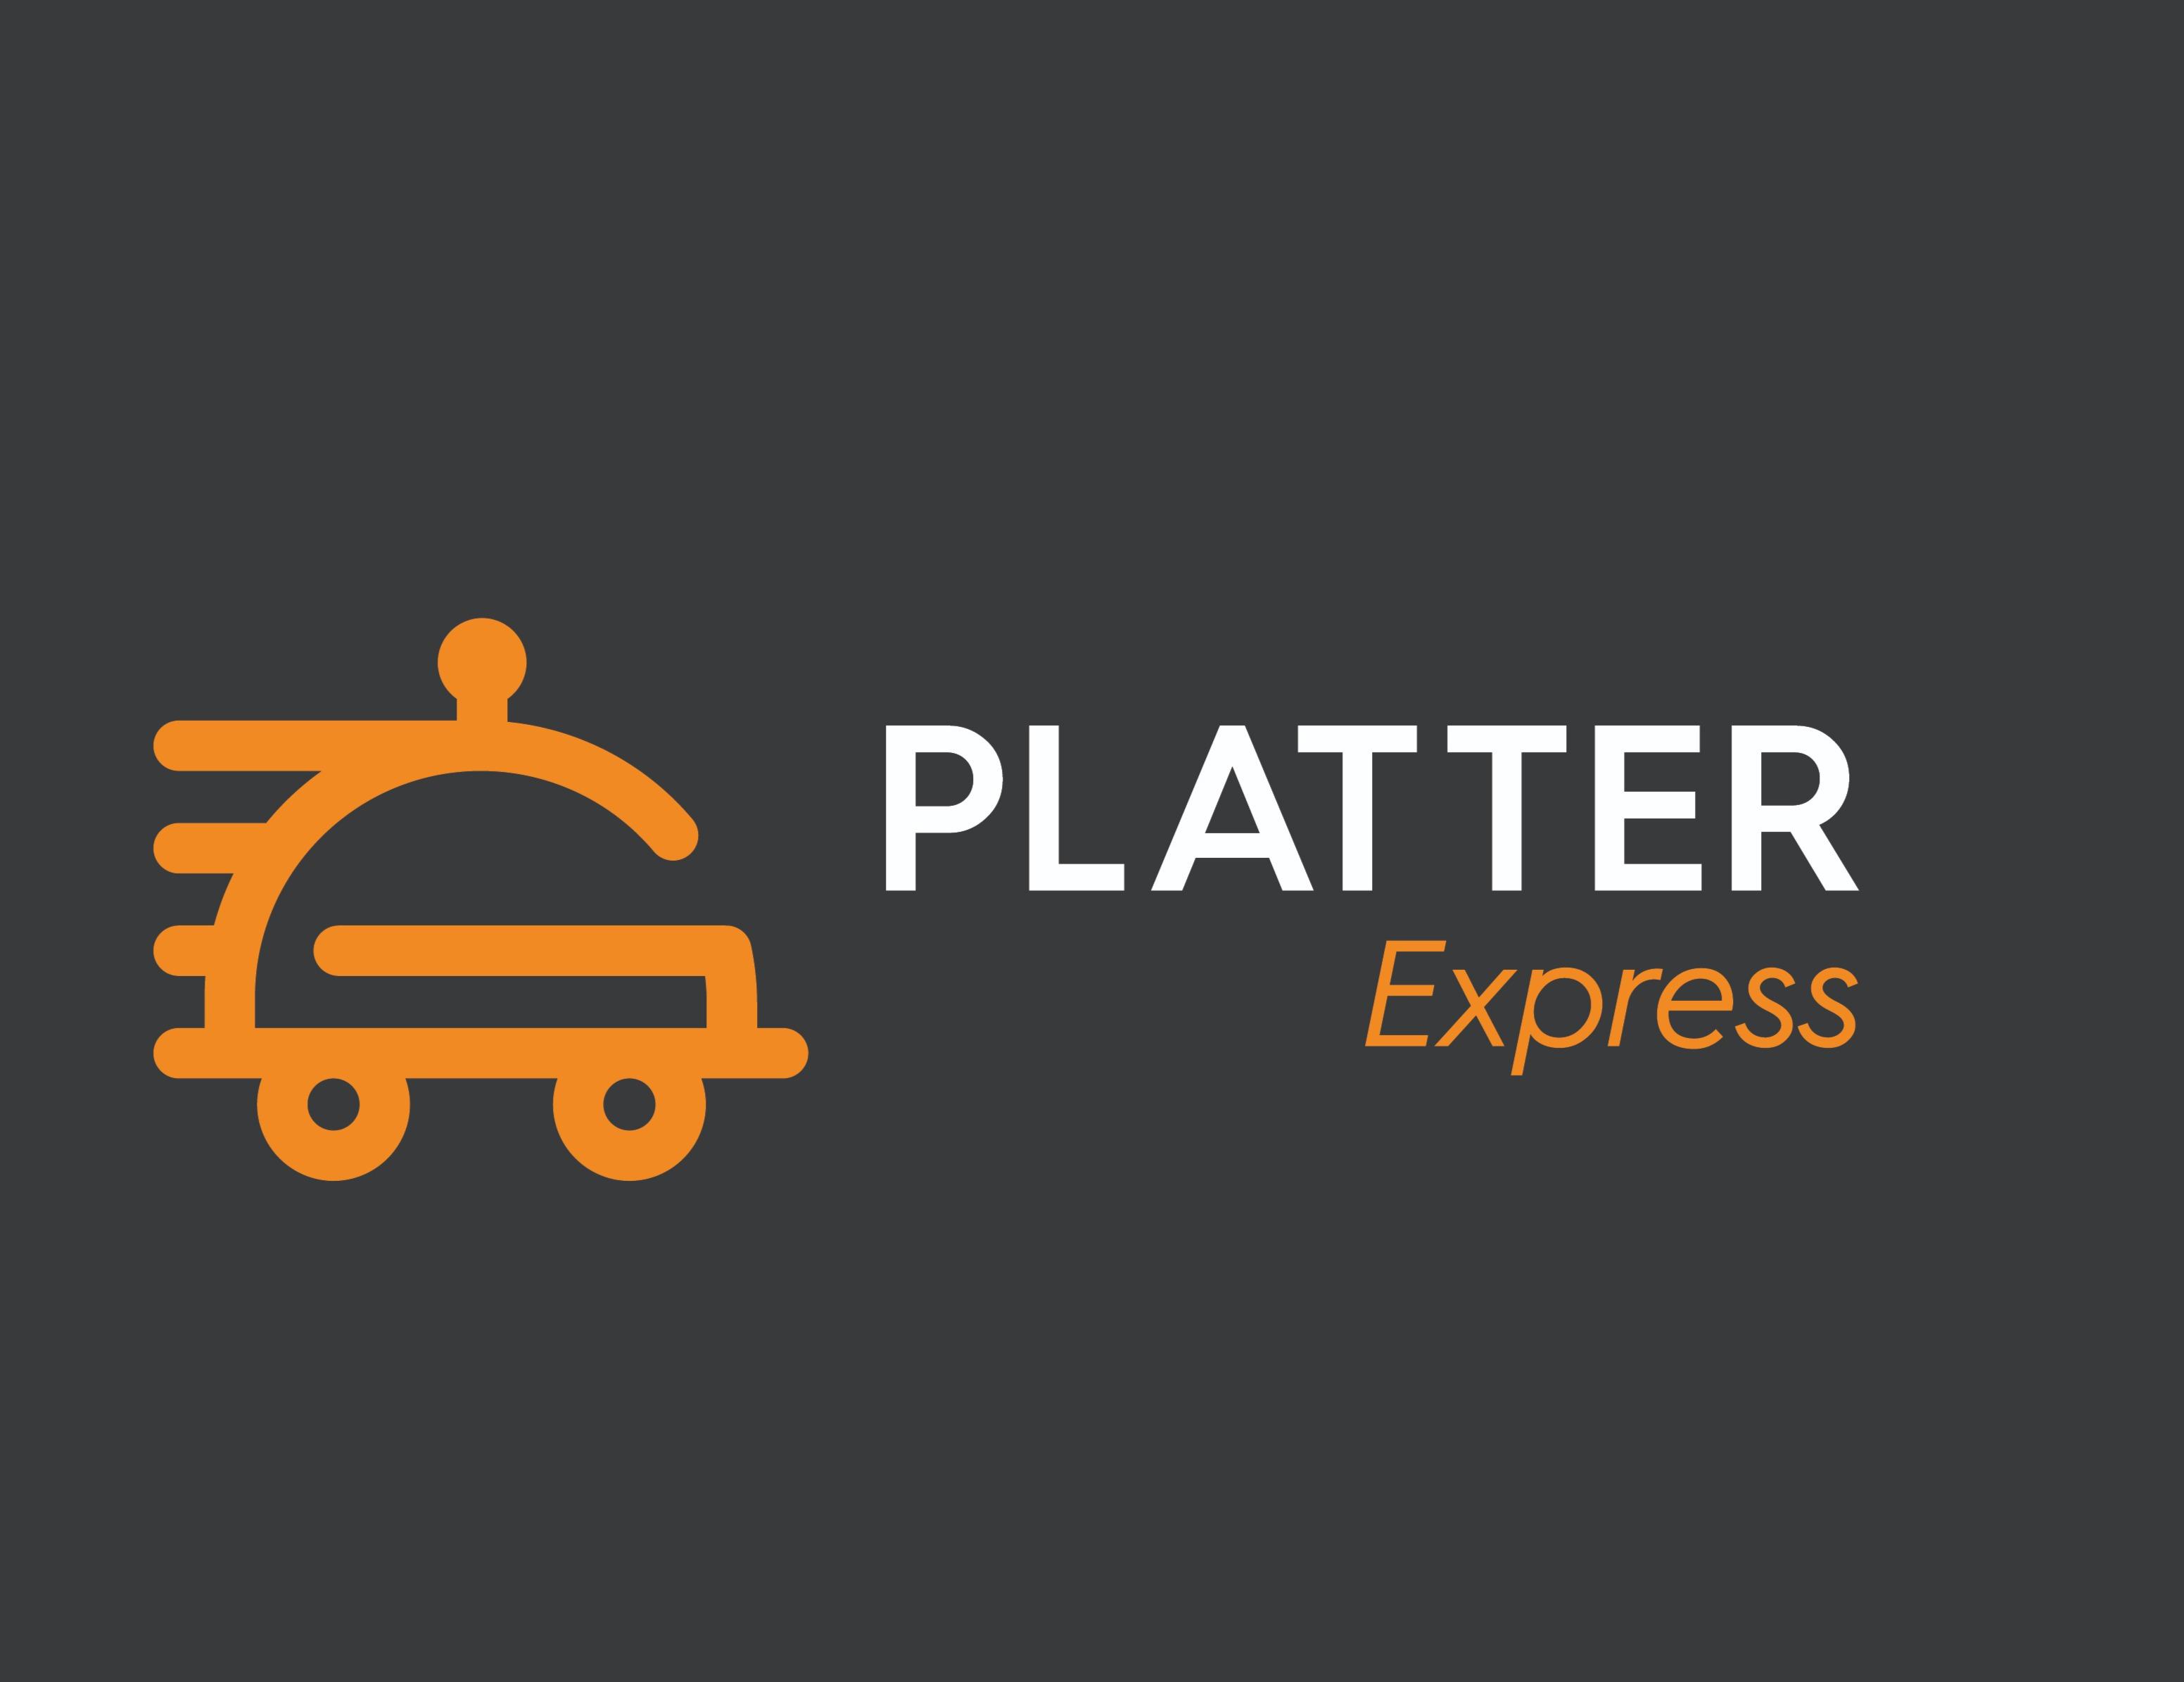 Platter Express